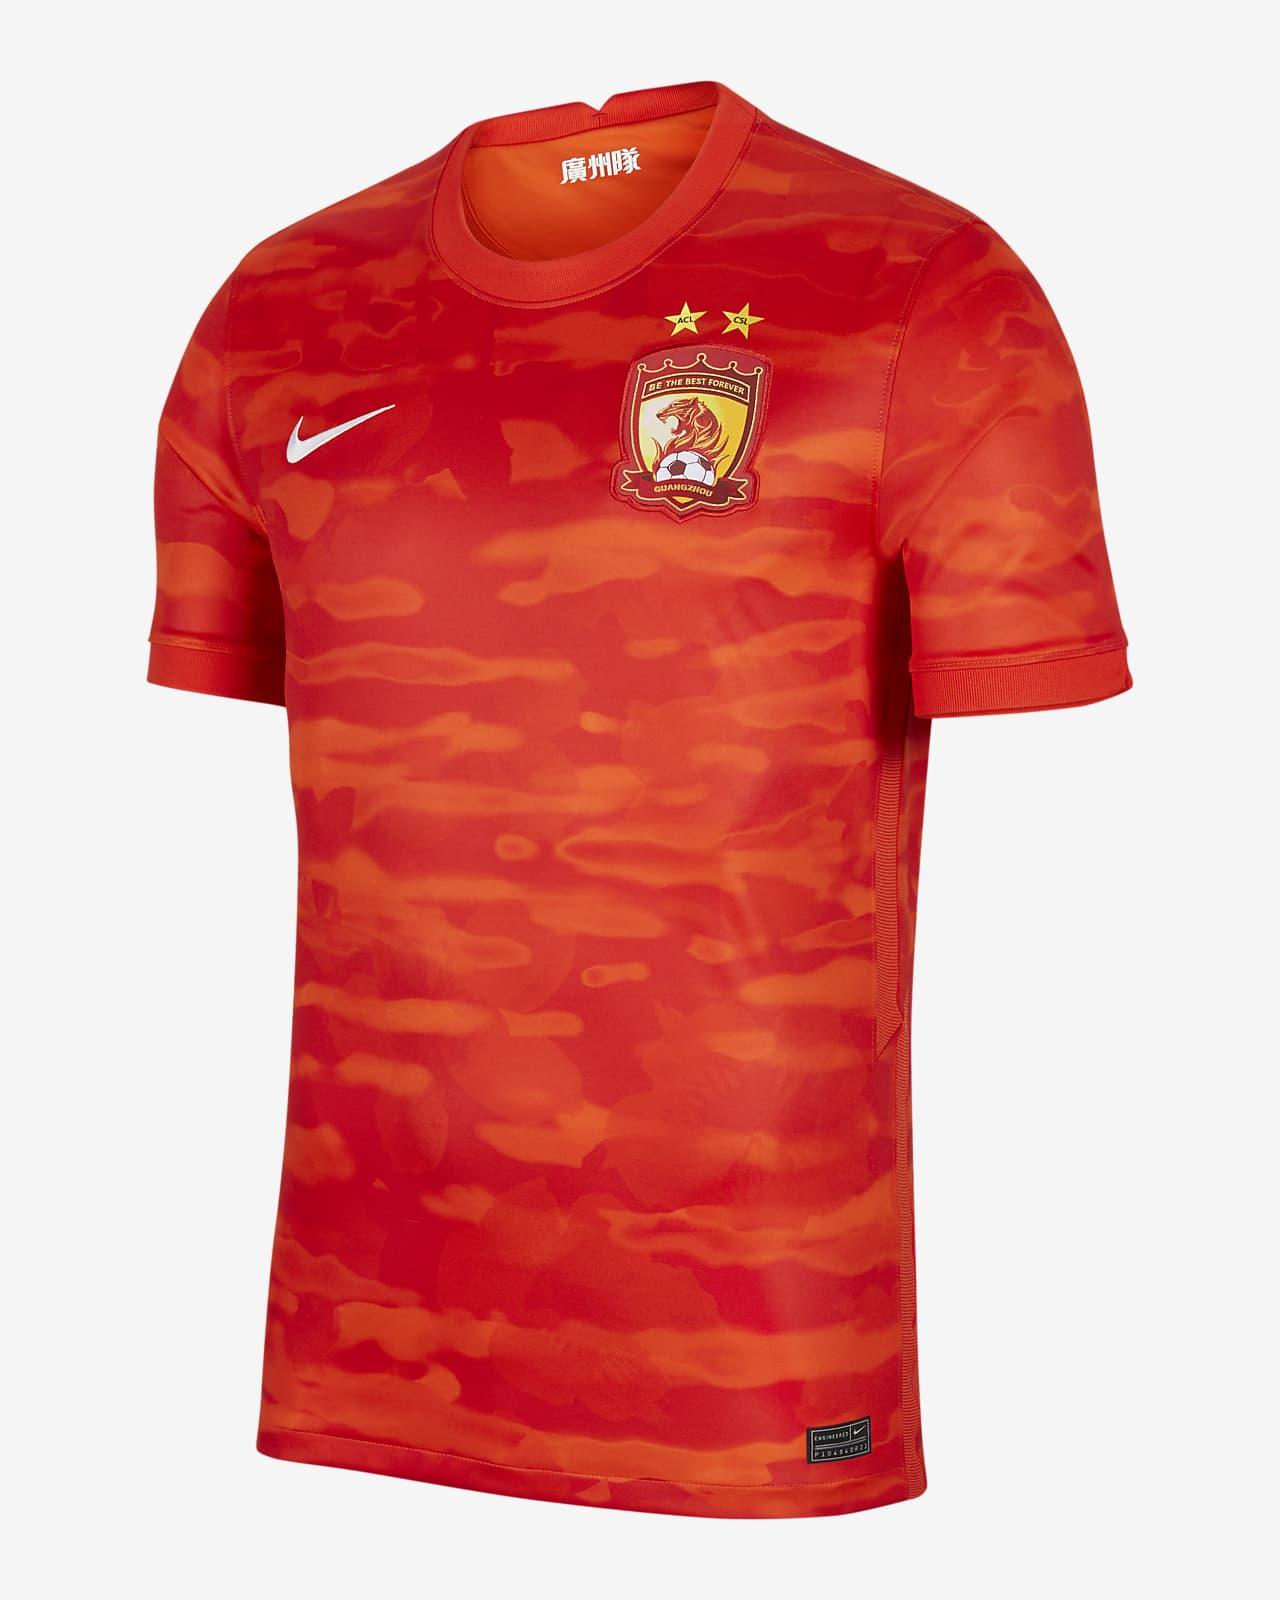 2021 赛季广州恒大淘宝主场球迷版男子足球球衣